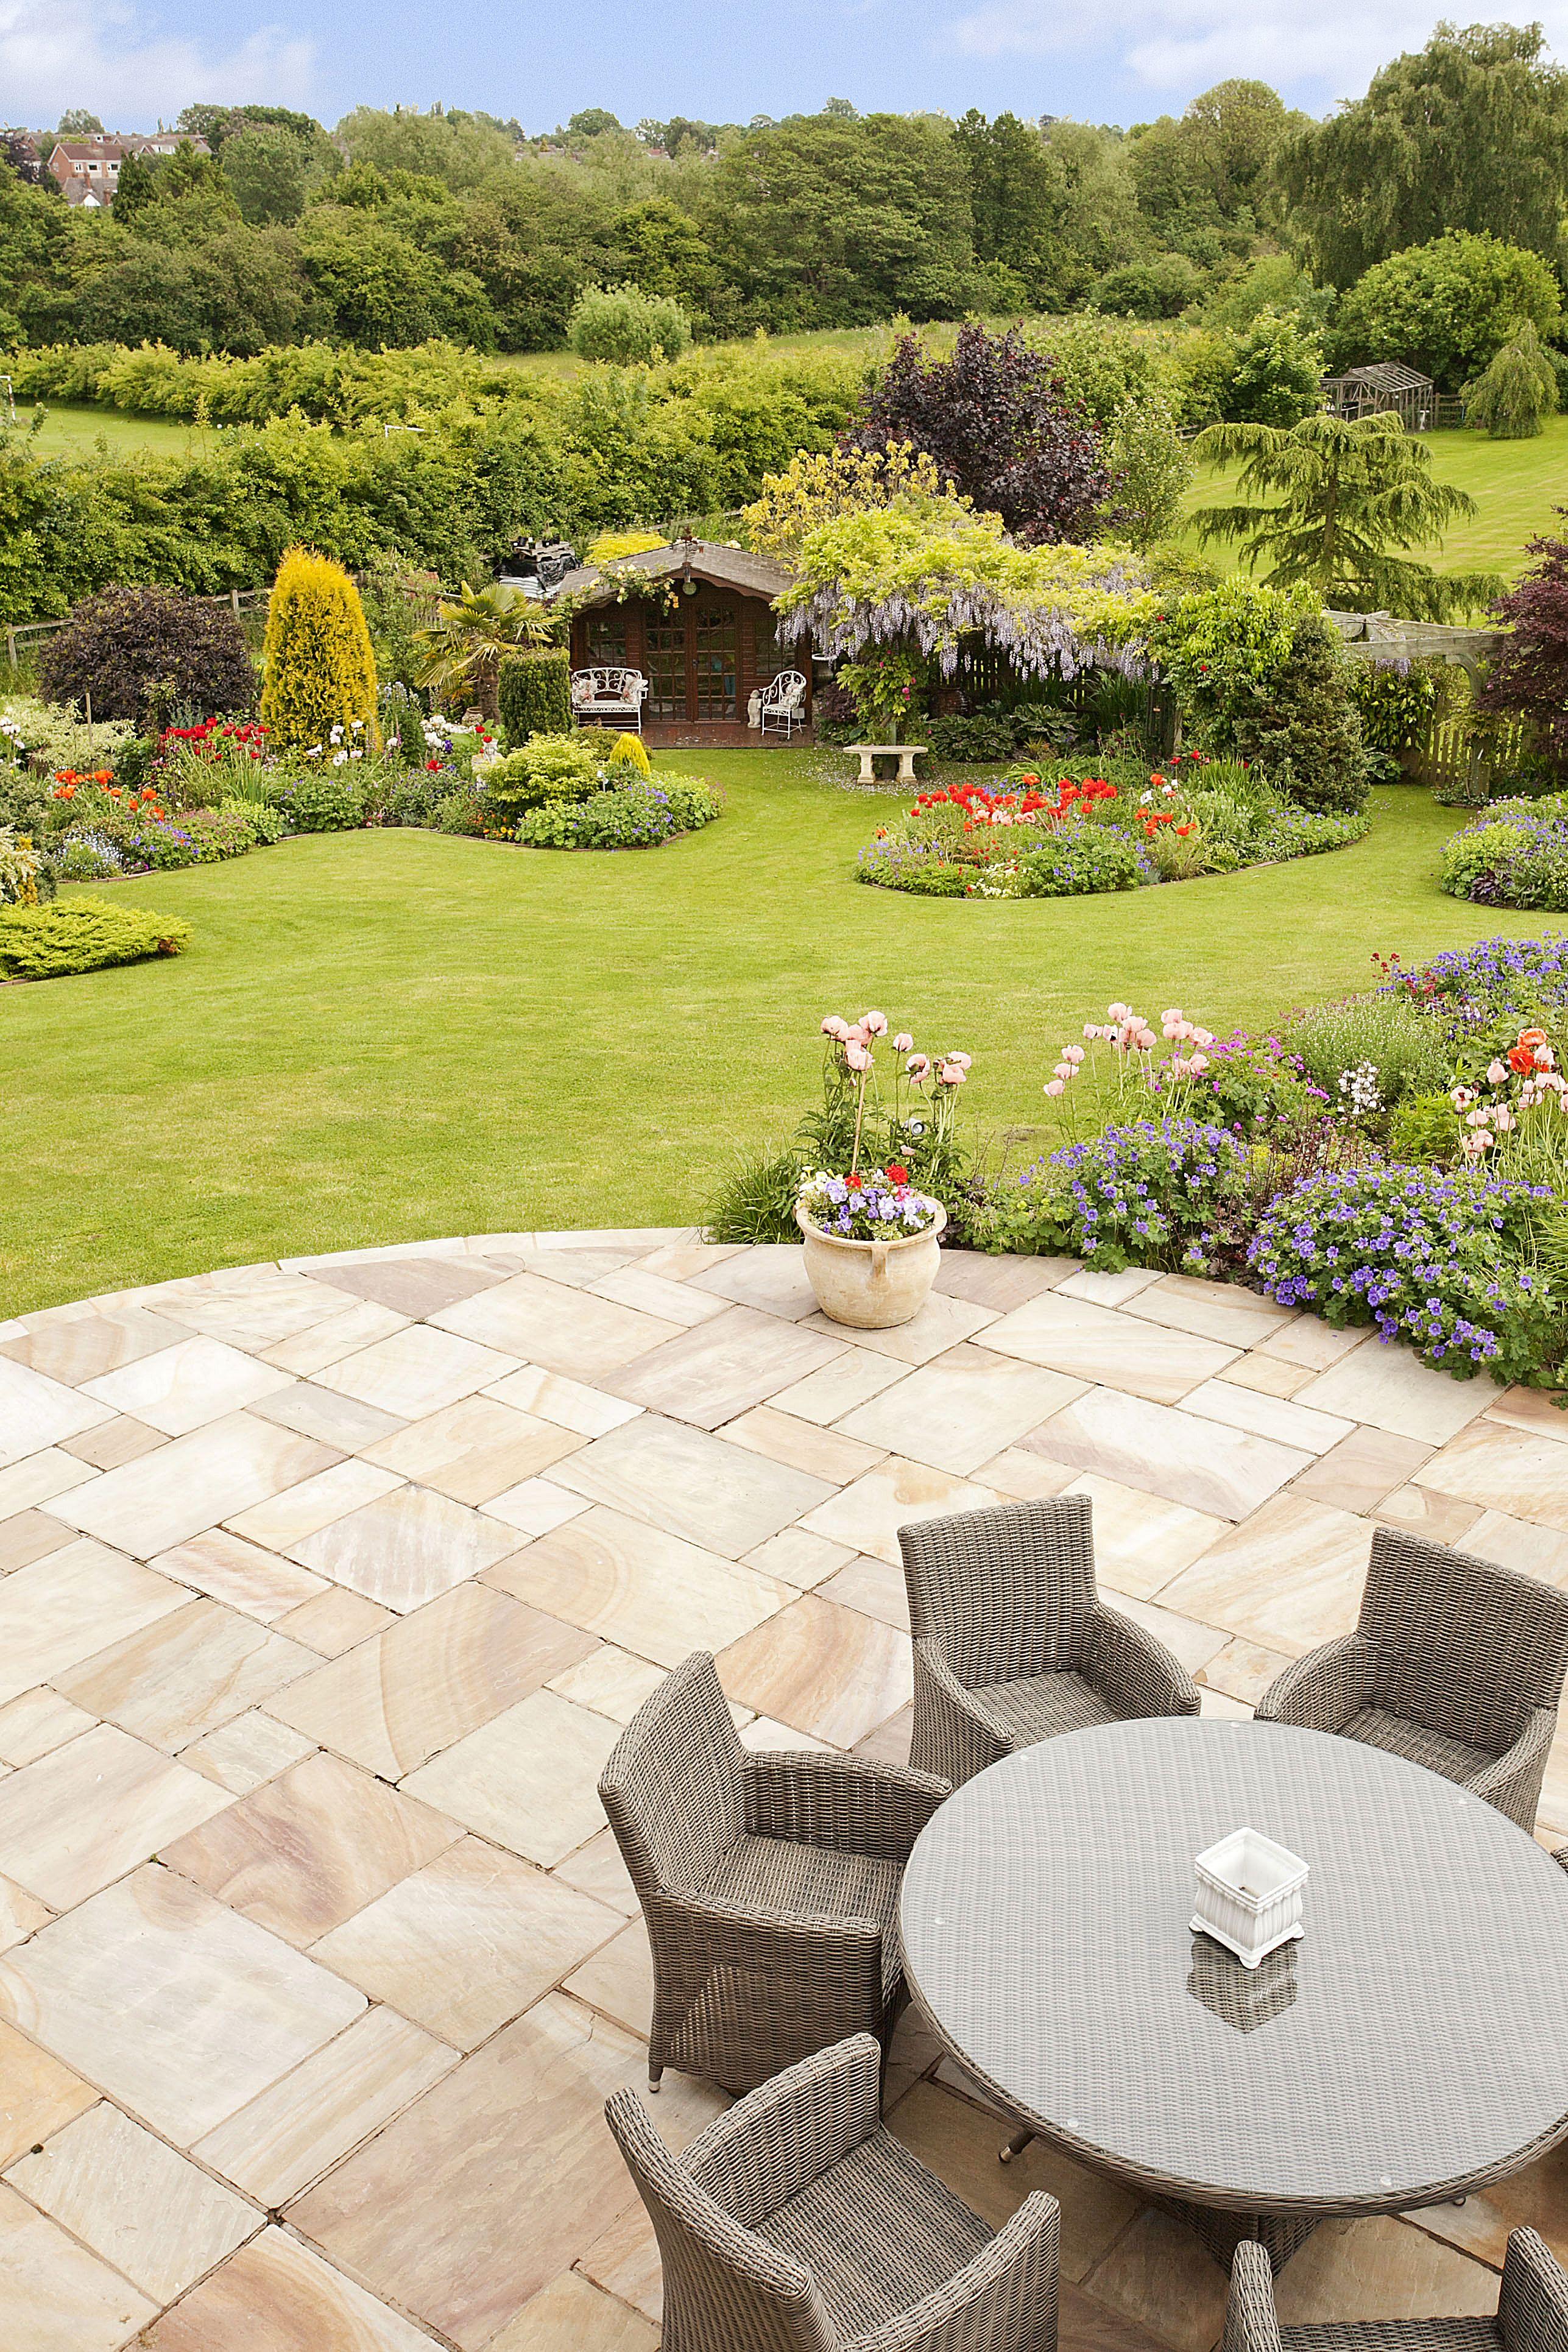 Garden view - Taken by Mark Mecklenburgh in Kenilworth ...